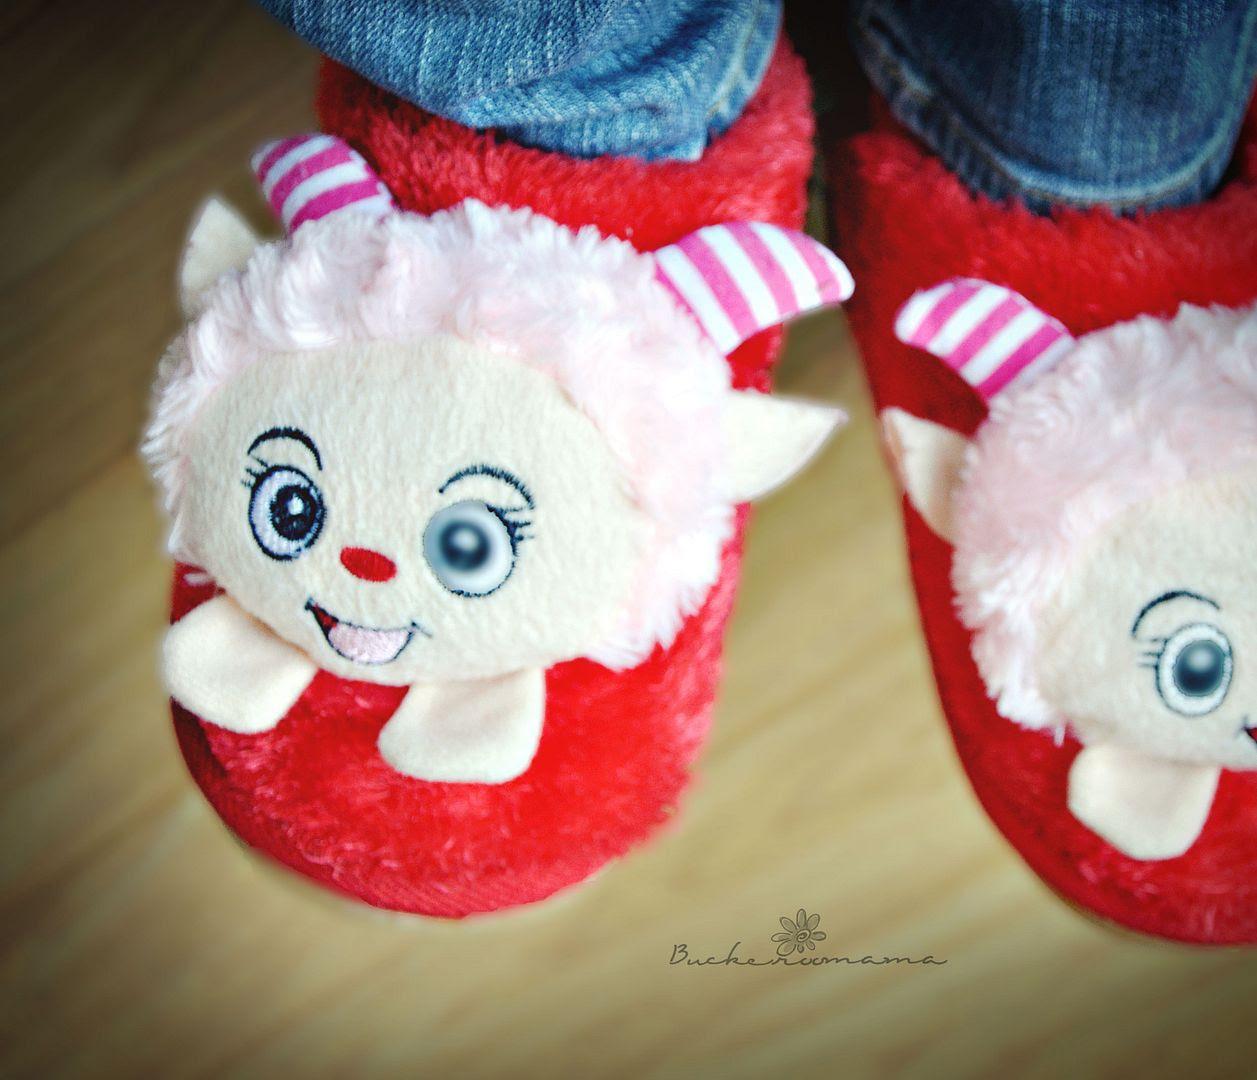 12.2 Fuzzy slippers